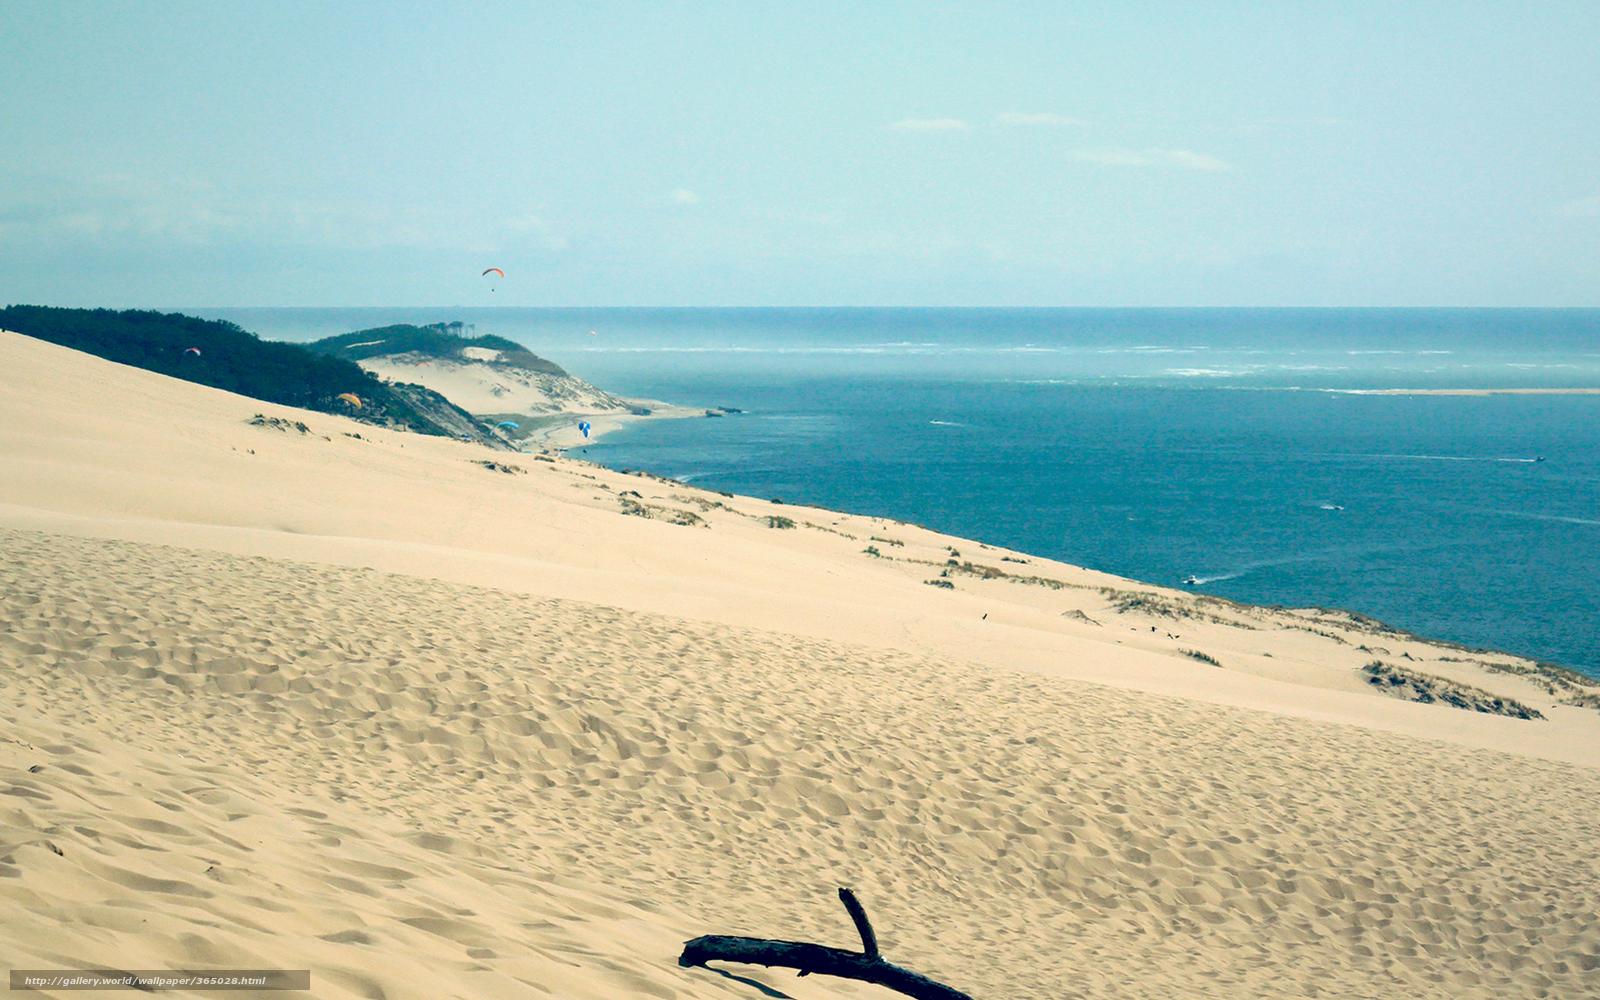 Пейзаж пейзажи пляж песок море